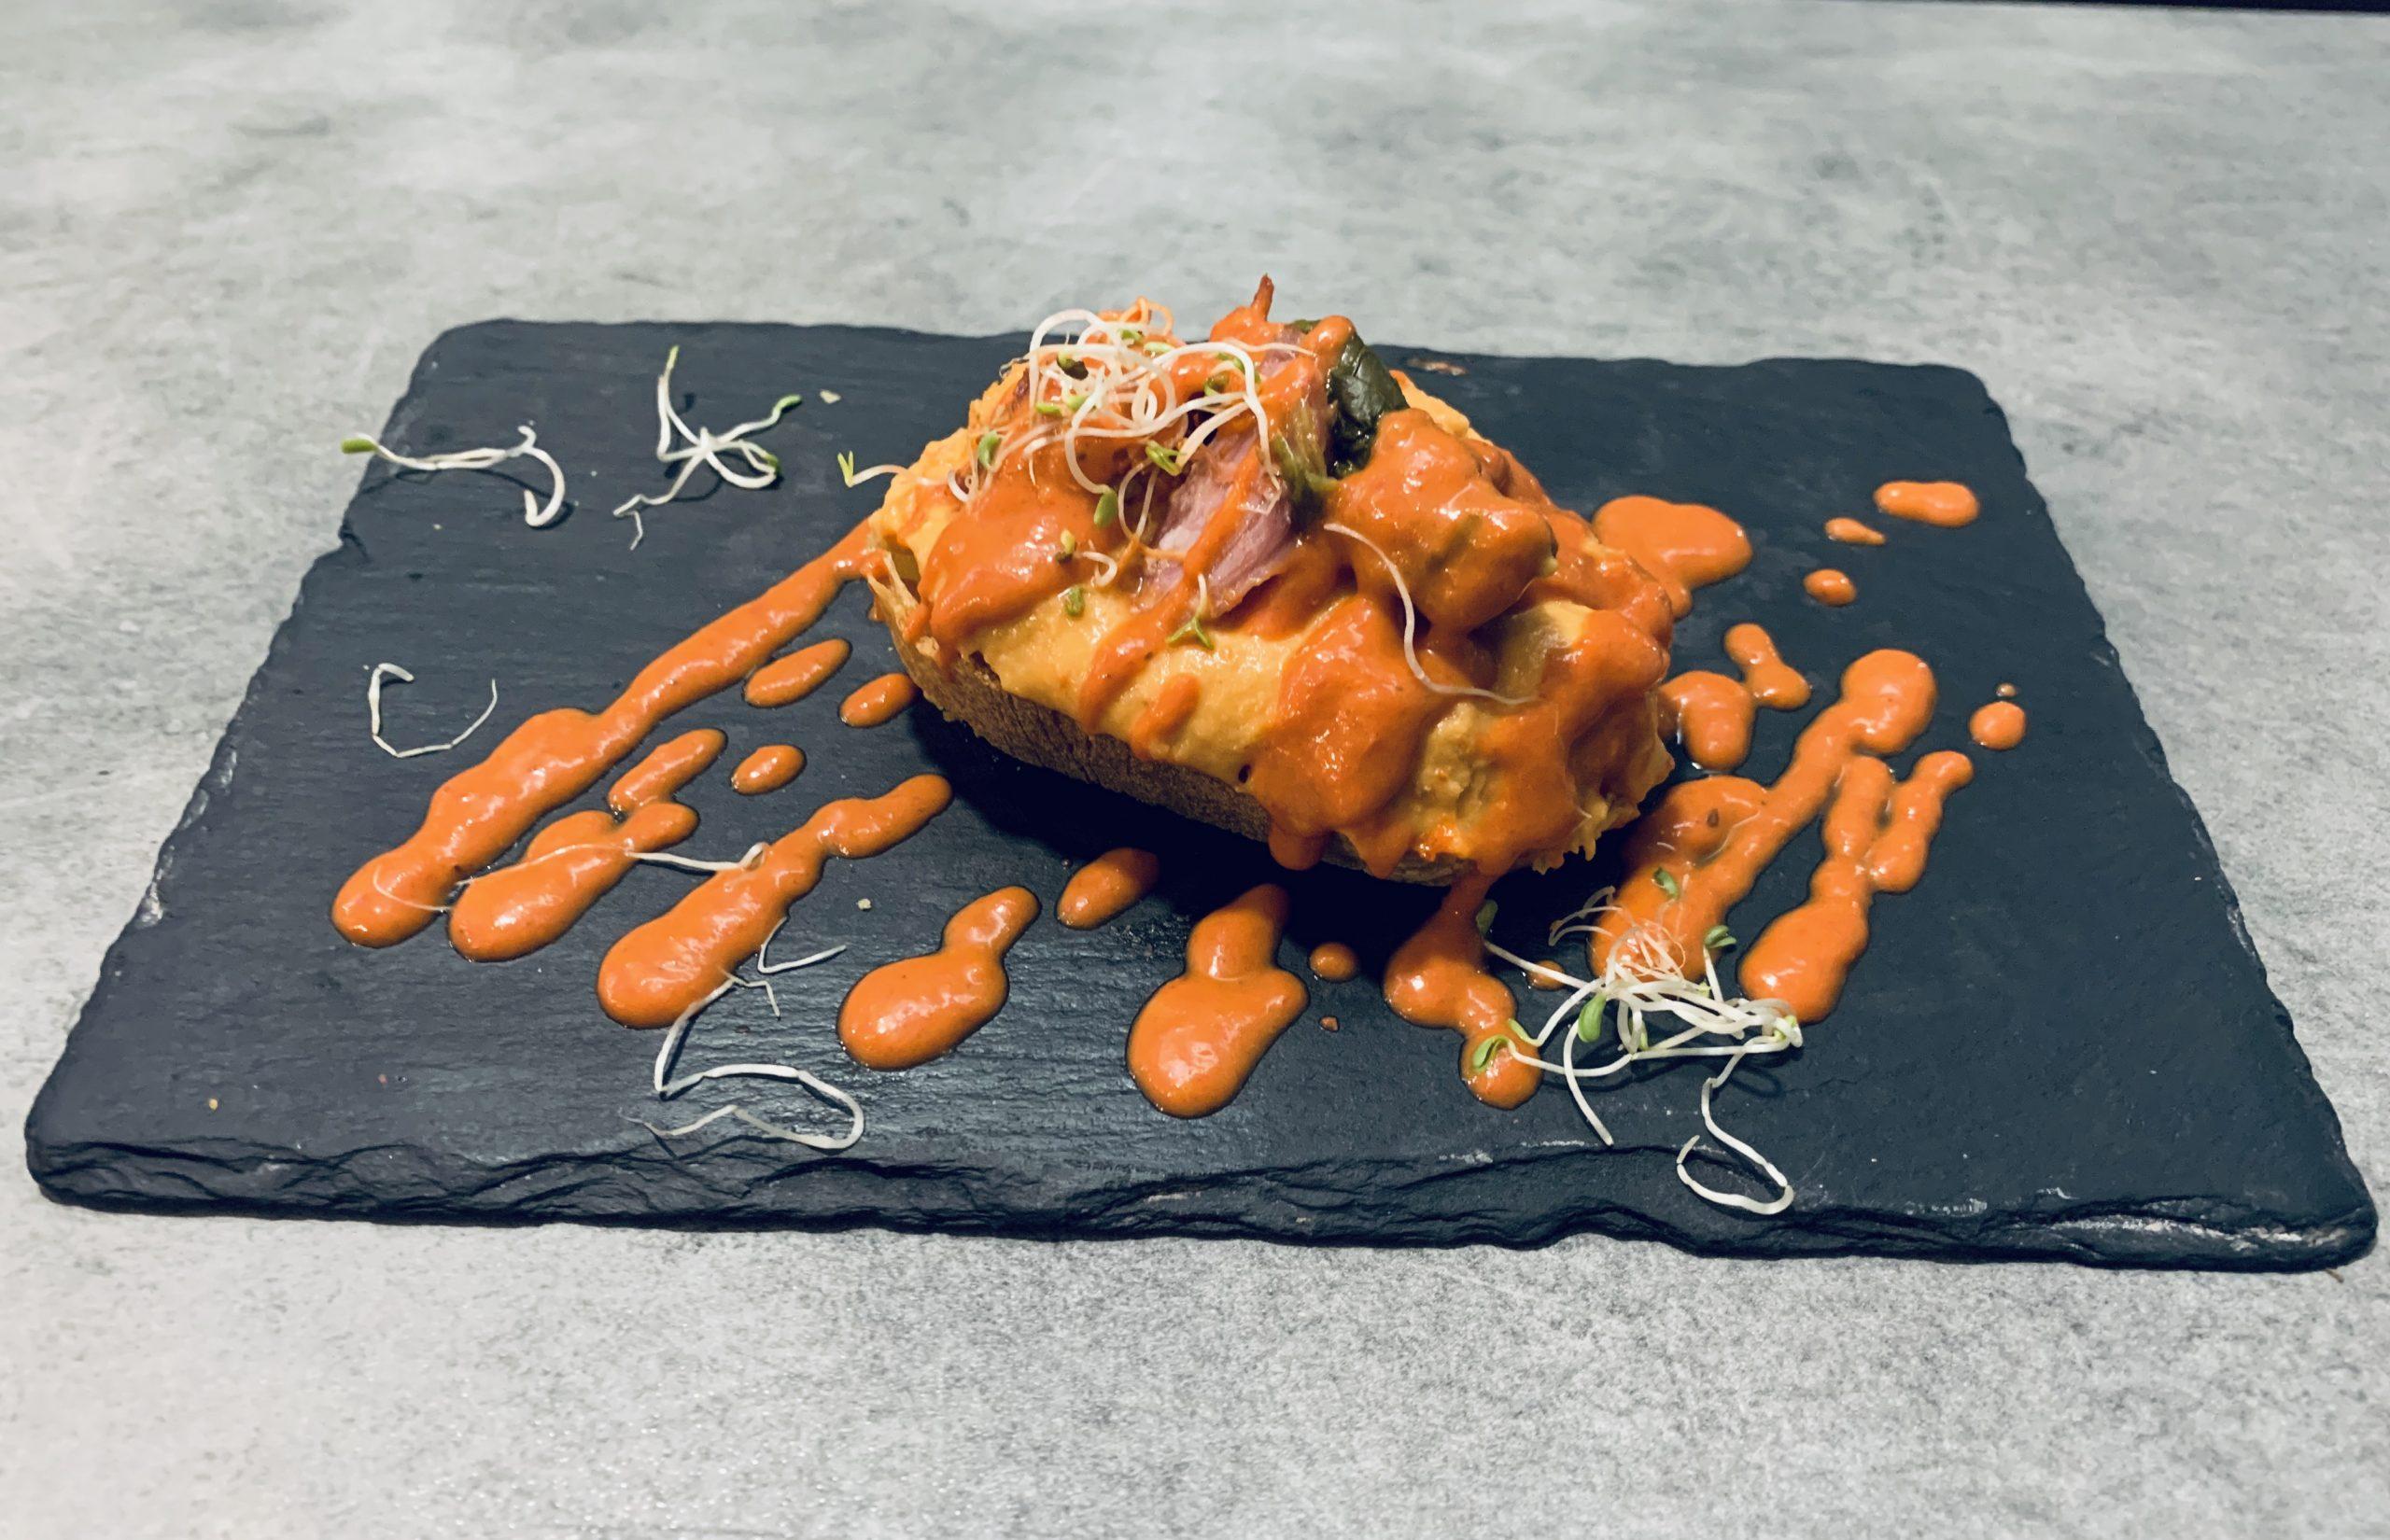 Este fin de semana, podrás degustar las creaciones de los hosteleros de Bembibre que participan en las Jornadas de Pinchos del Botillo 7